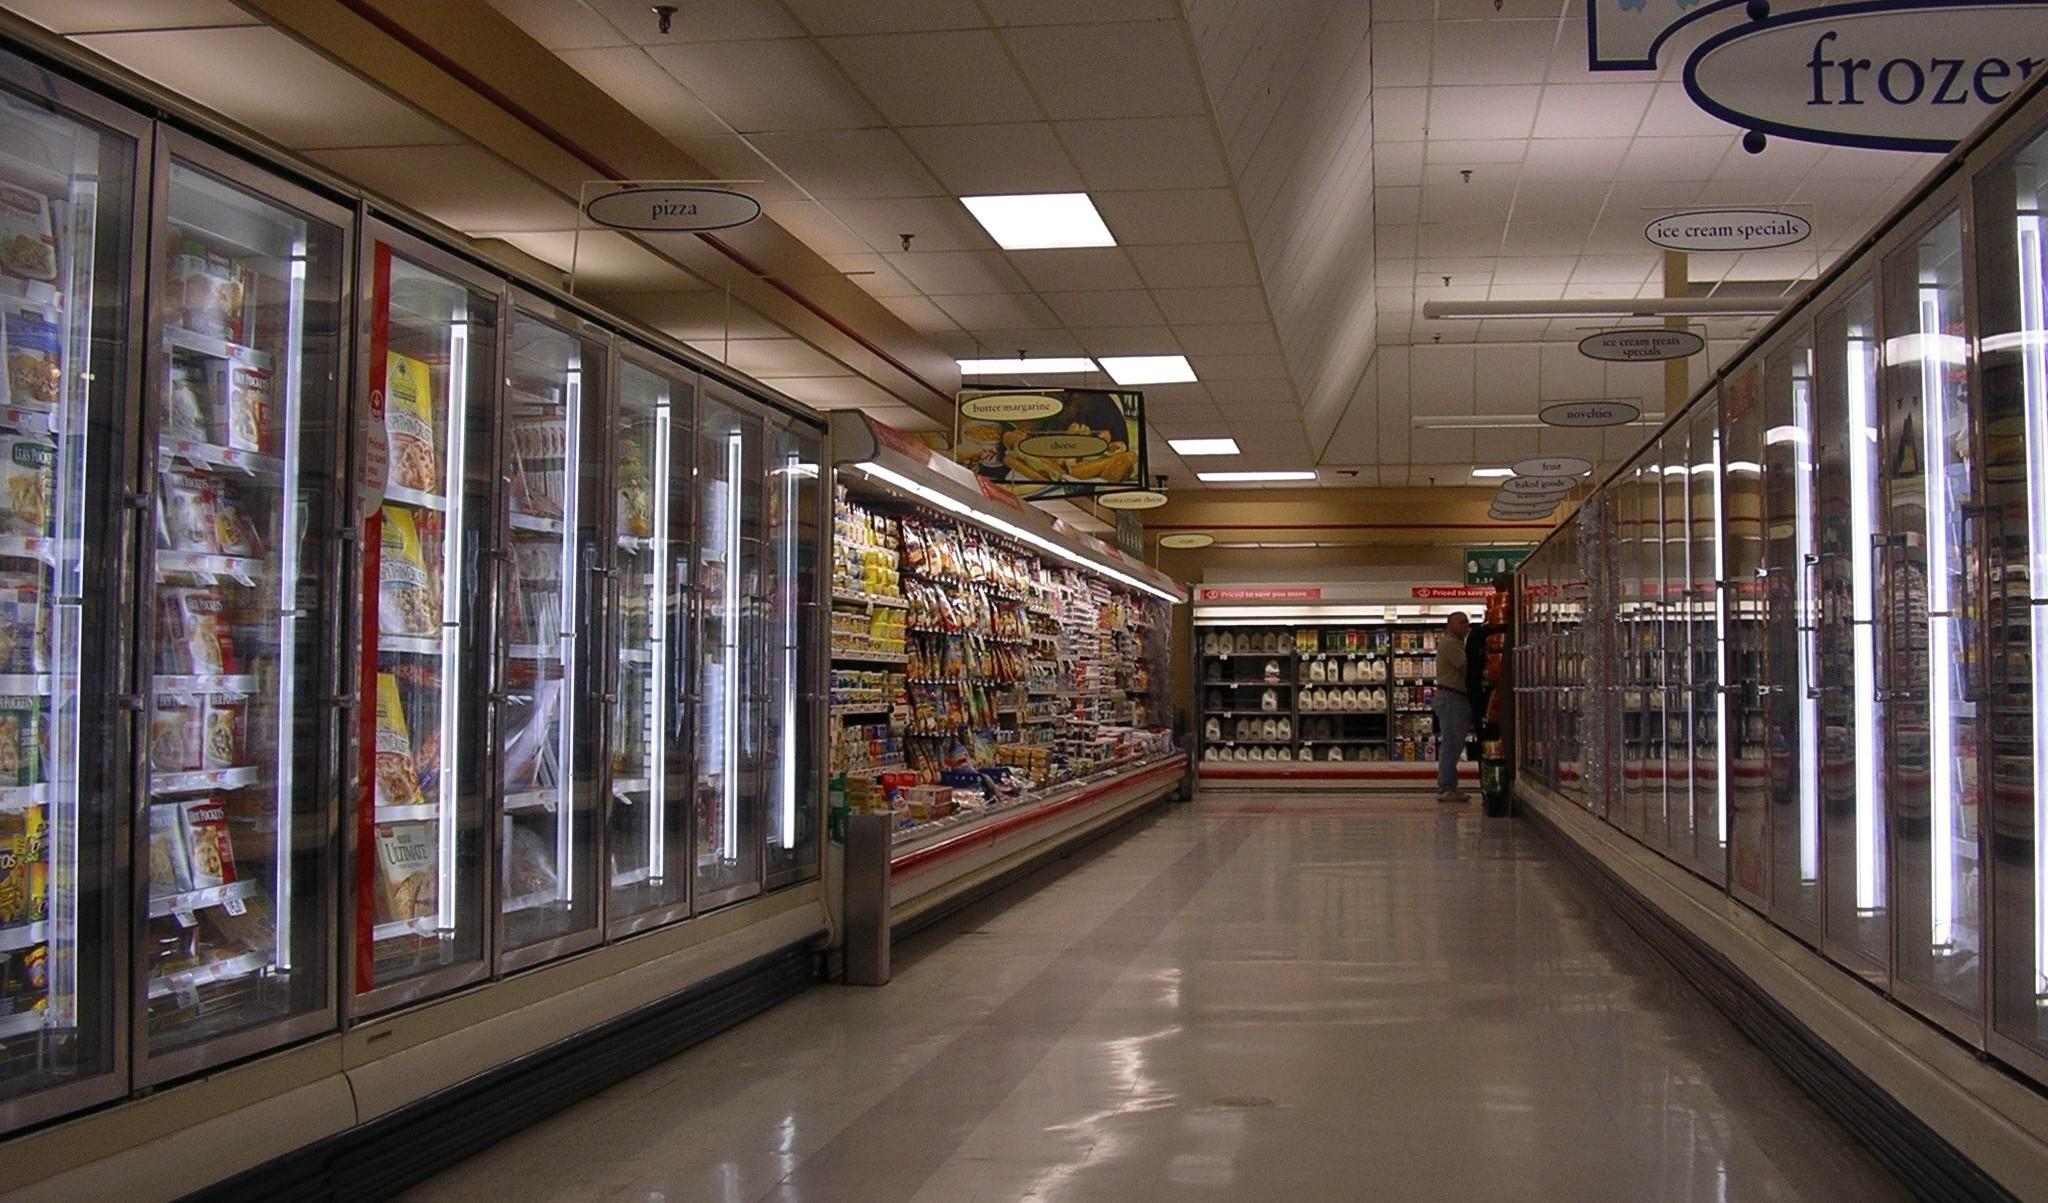 Supermercado-e1411320477480.jpg